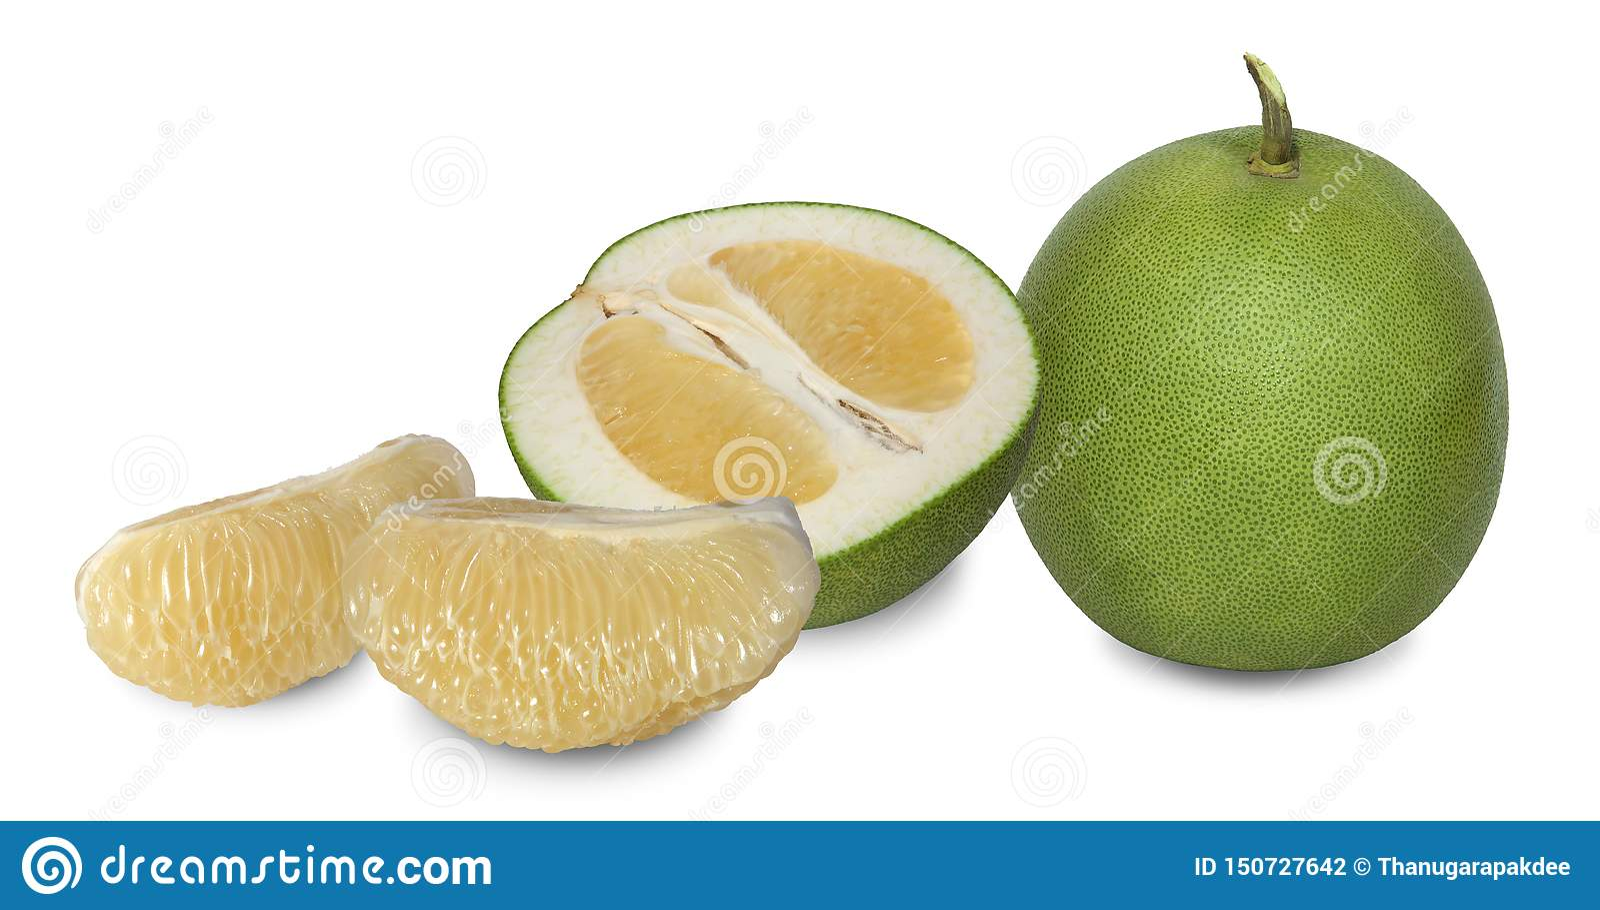 Pampelmuse ist eine Anlage in der gleichen Familie wie Orangen mit starker Grübchen gebildeter Haut